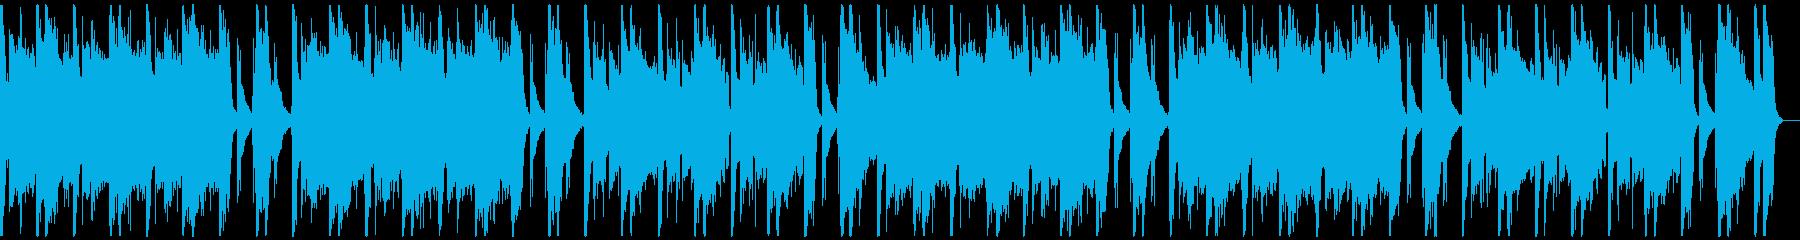 パワフルクラップ&ストンプ&ロックギターの再生済みの波形